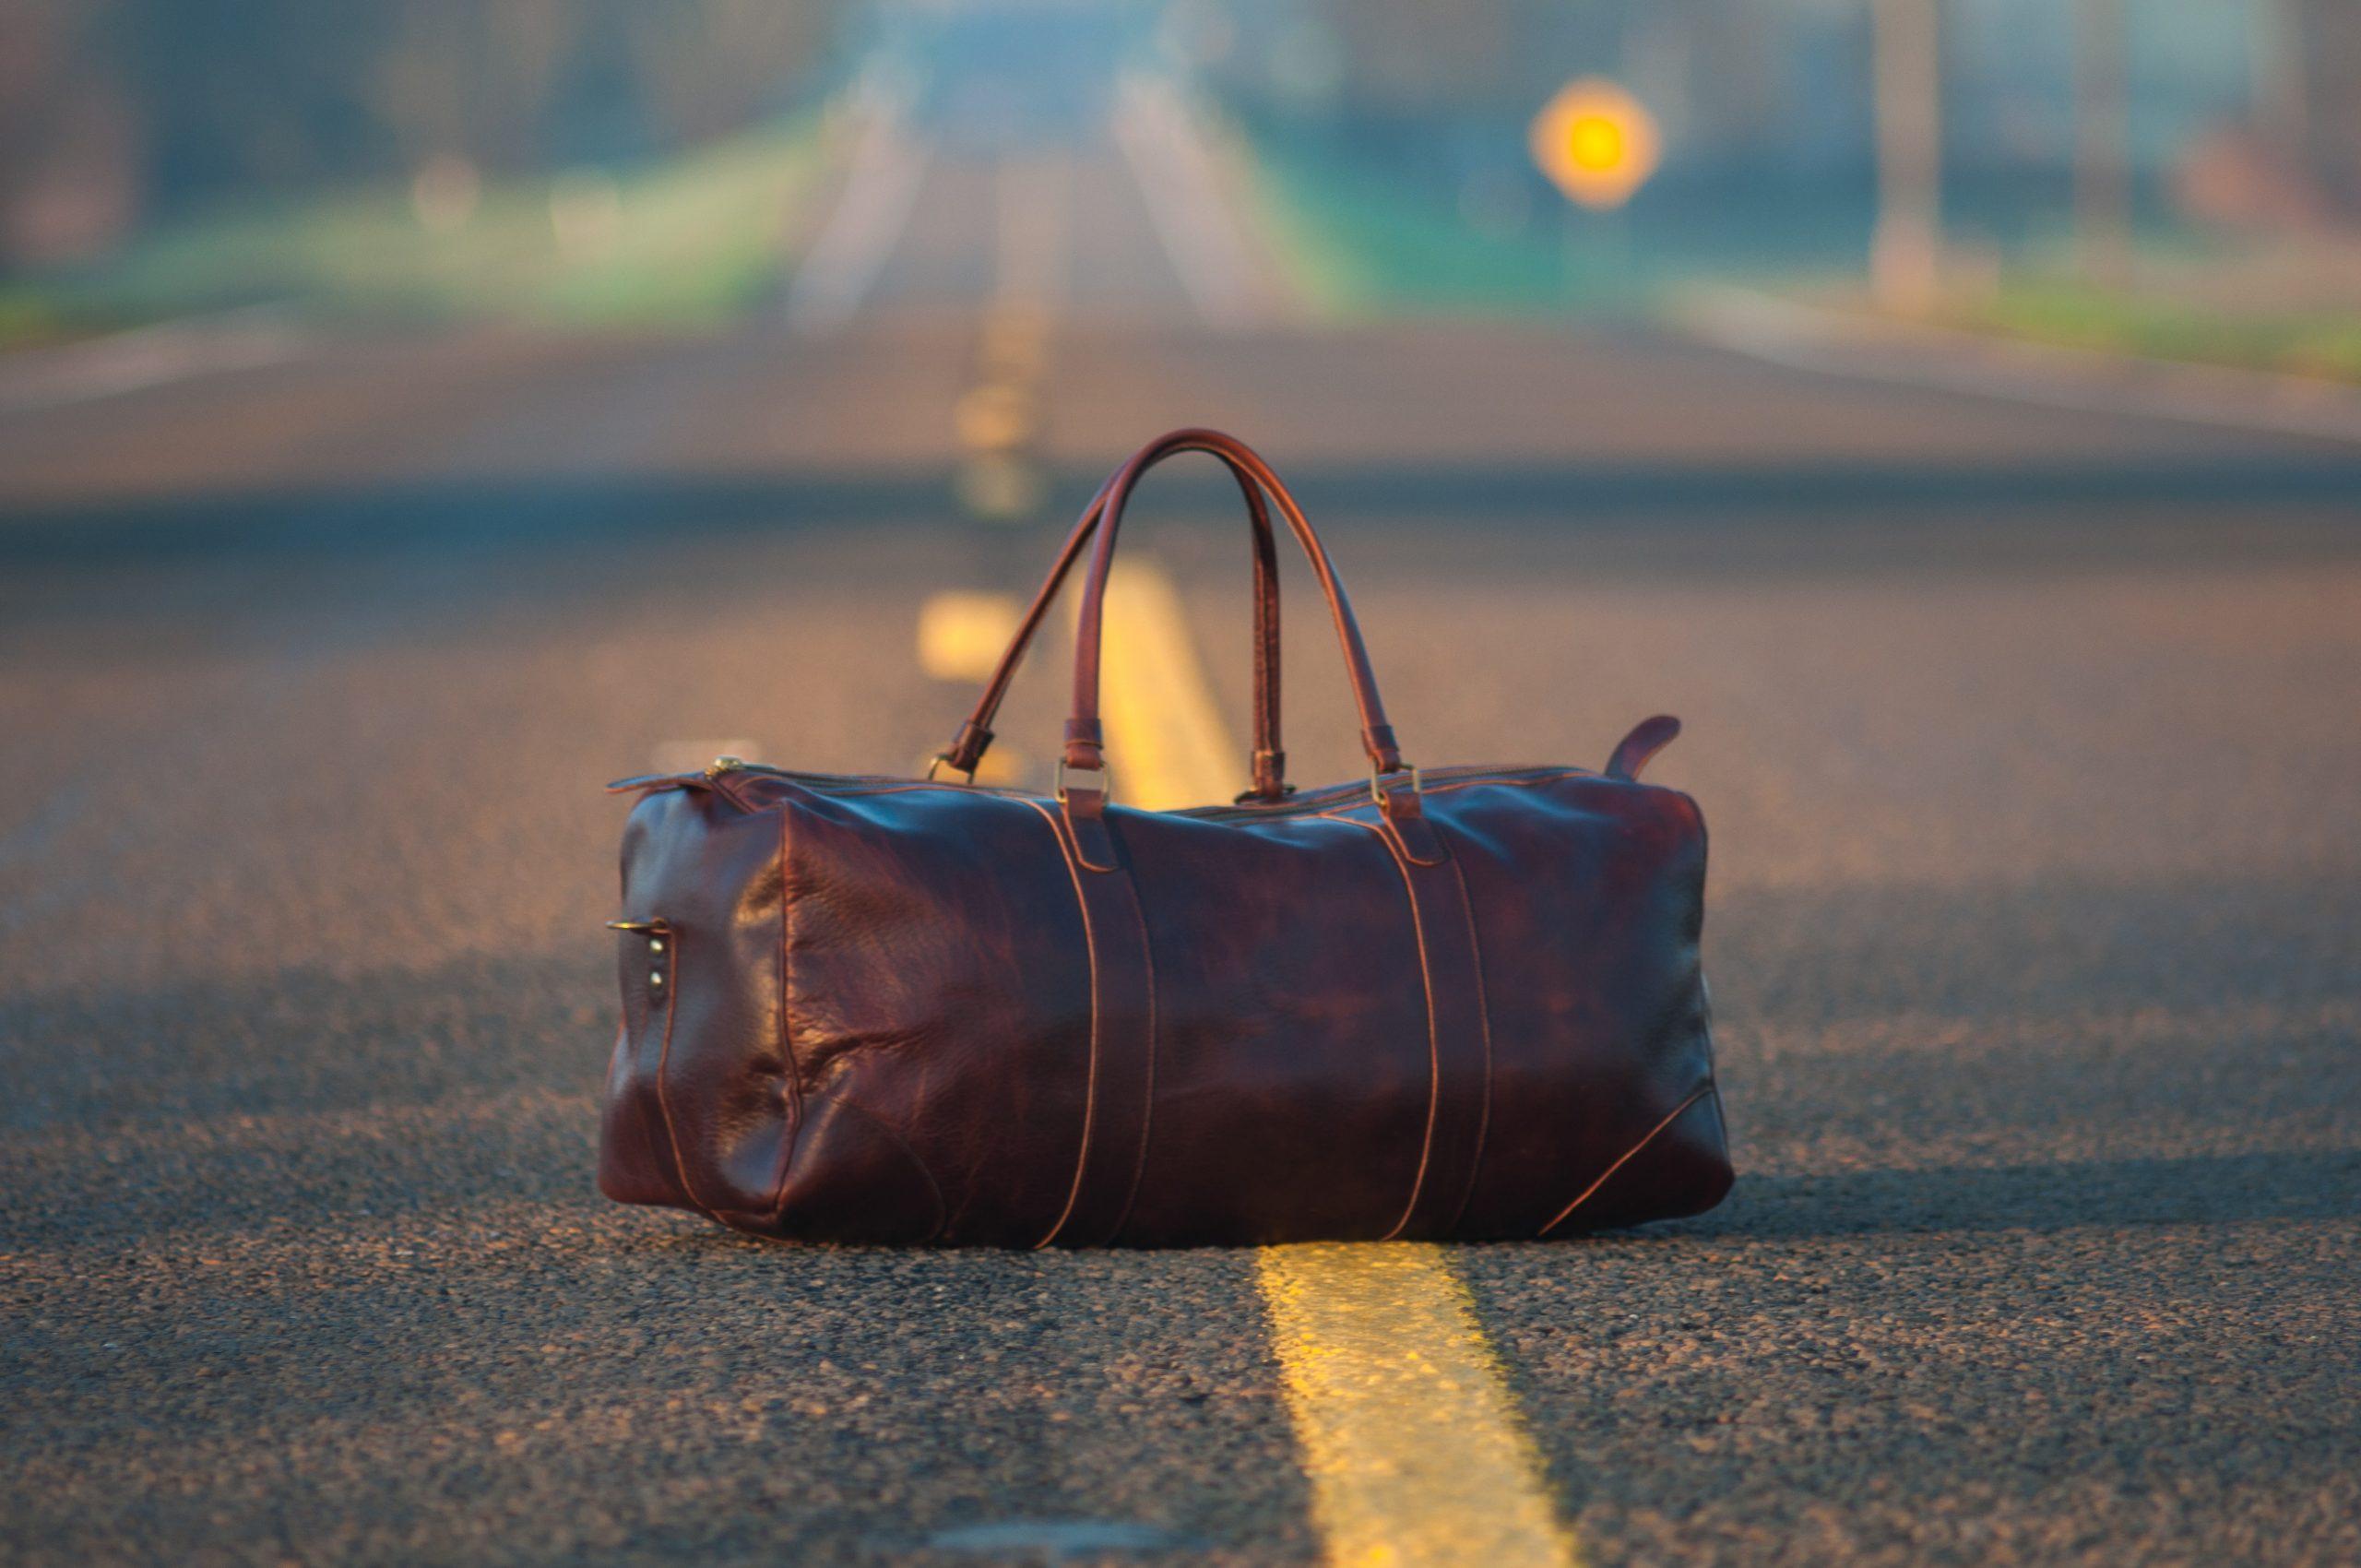 Valiză suspectă lângă Cotroceni. Traficul rutier a fost restricționat